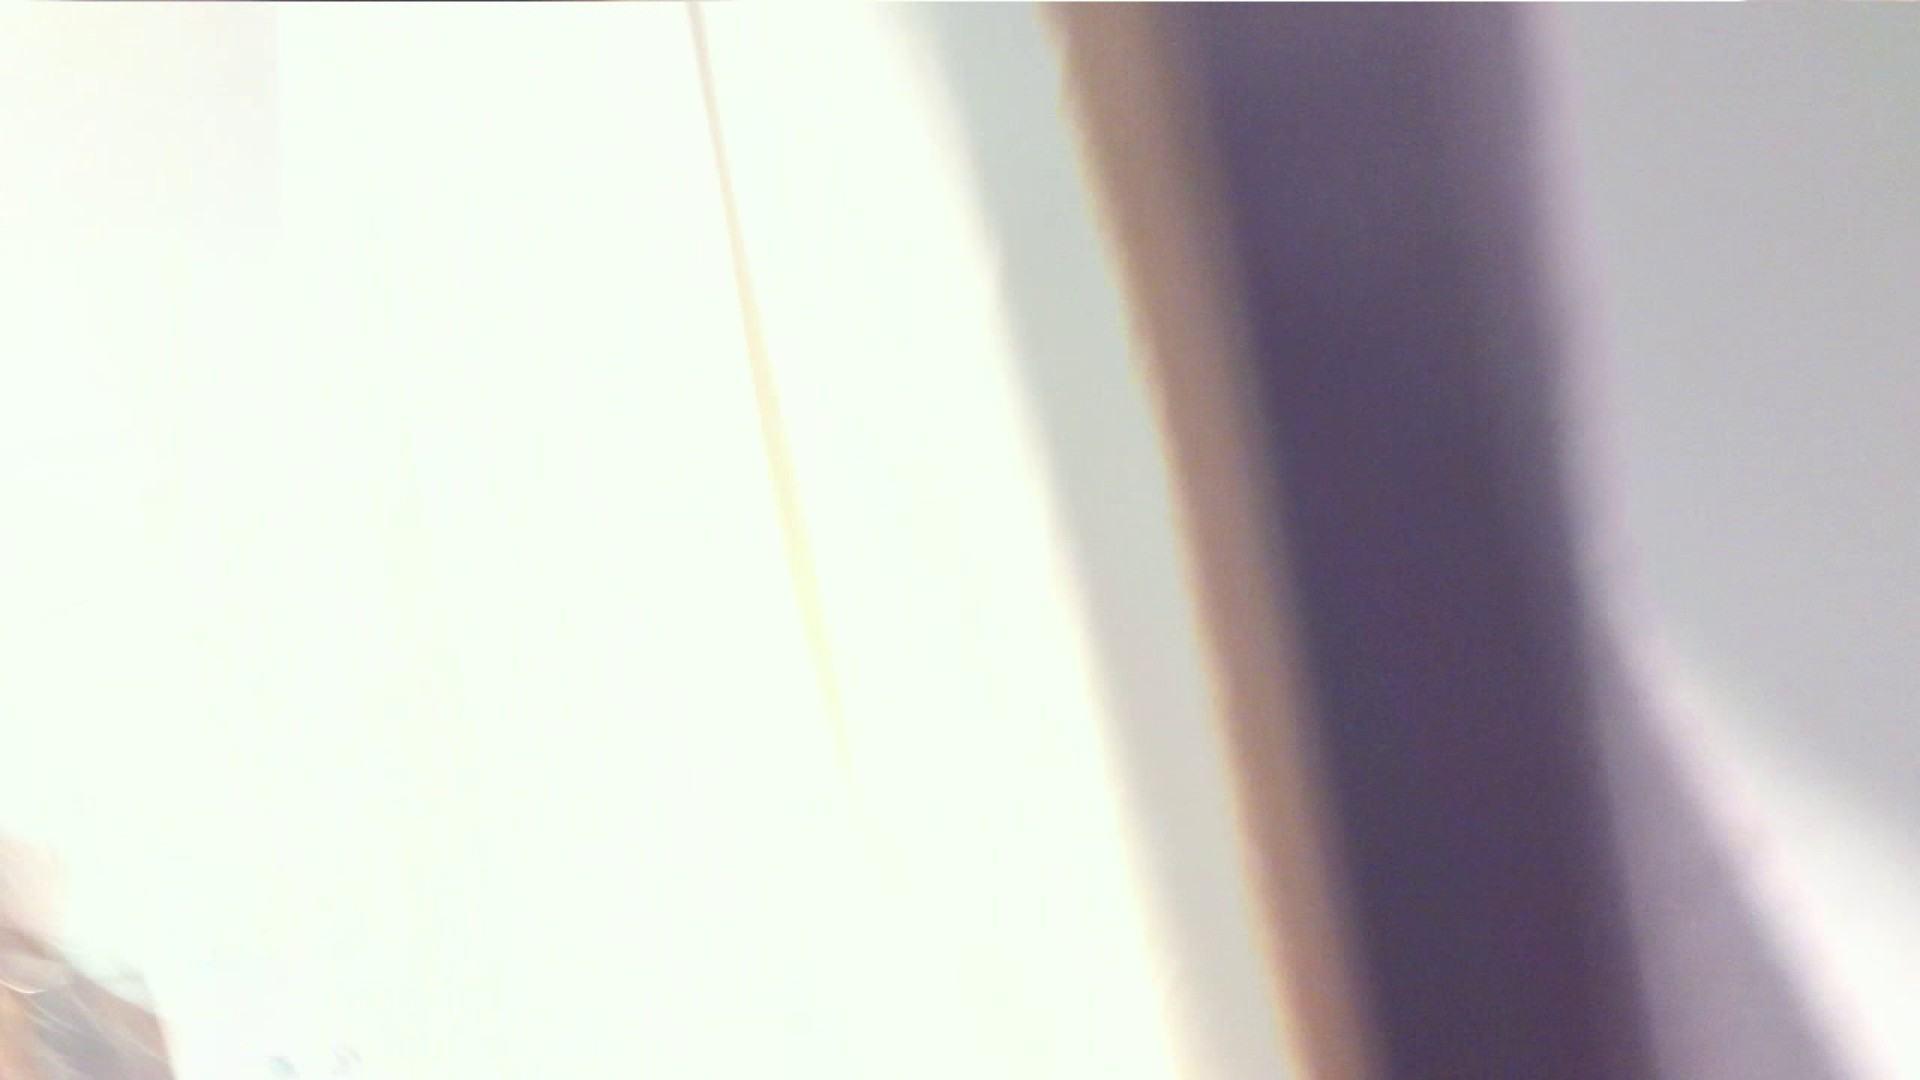 vol.33 美人アパレル胸チラ&パンチラ ギャル系ネーチャンの下着 0  73連発 44